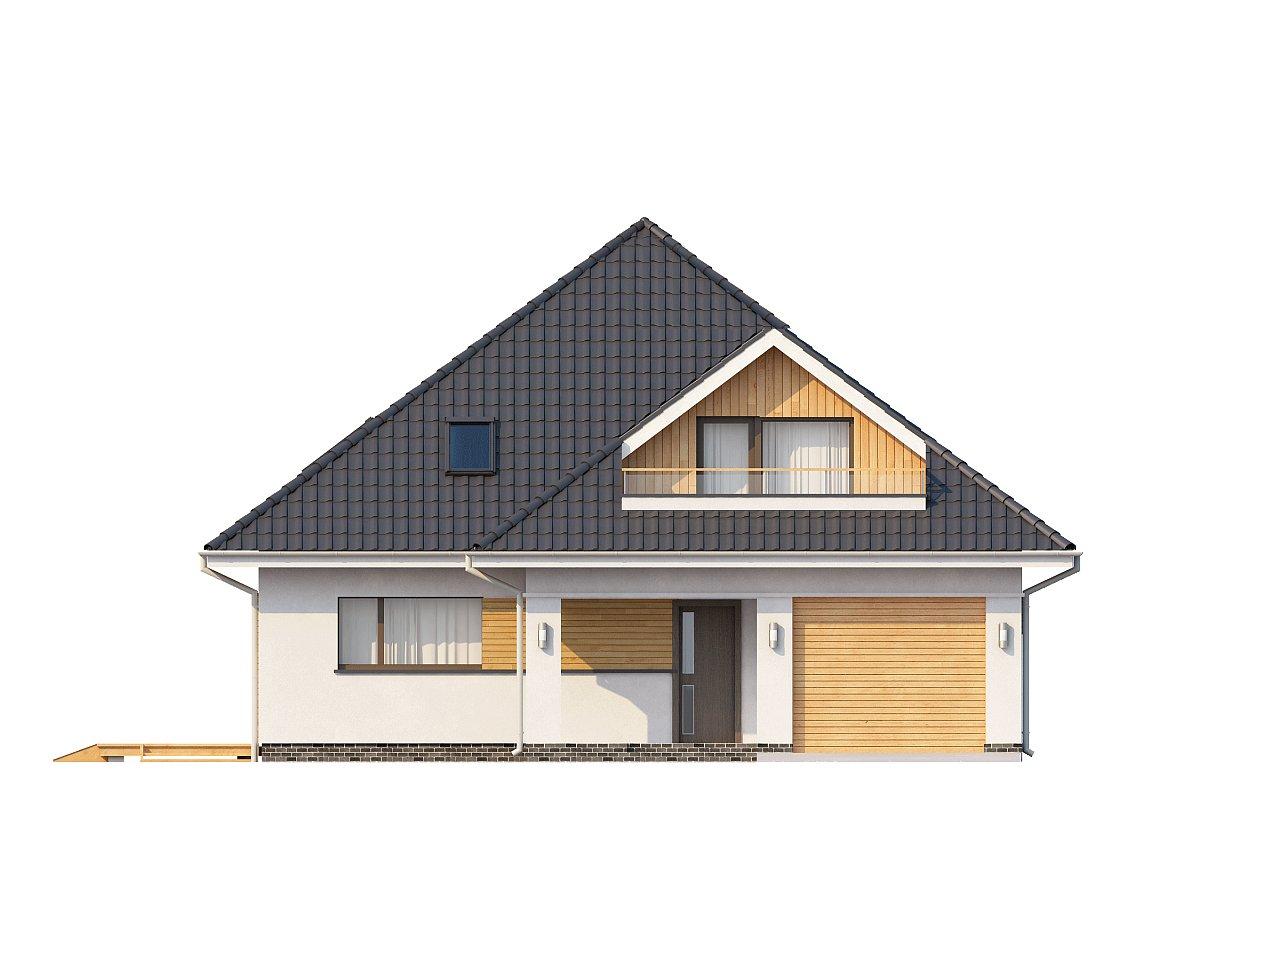 Красивый и функциональный дом с боковой террасой и необычным мансардным окном. 3